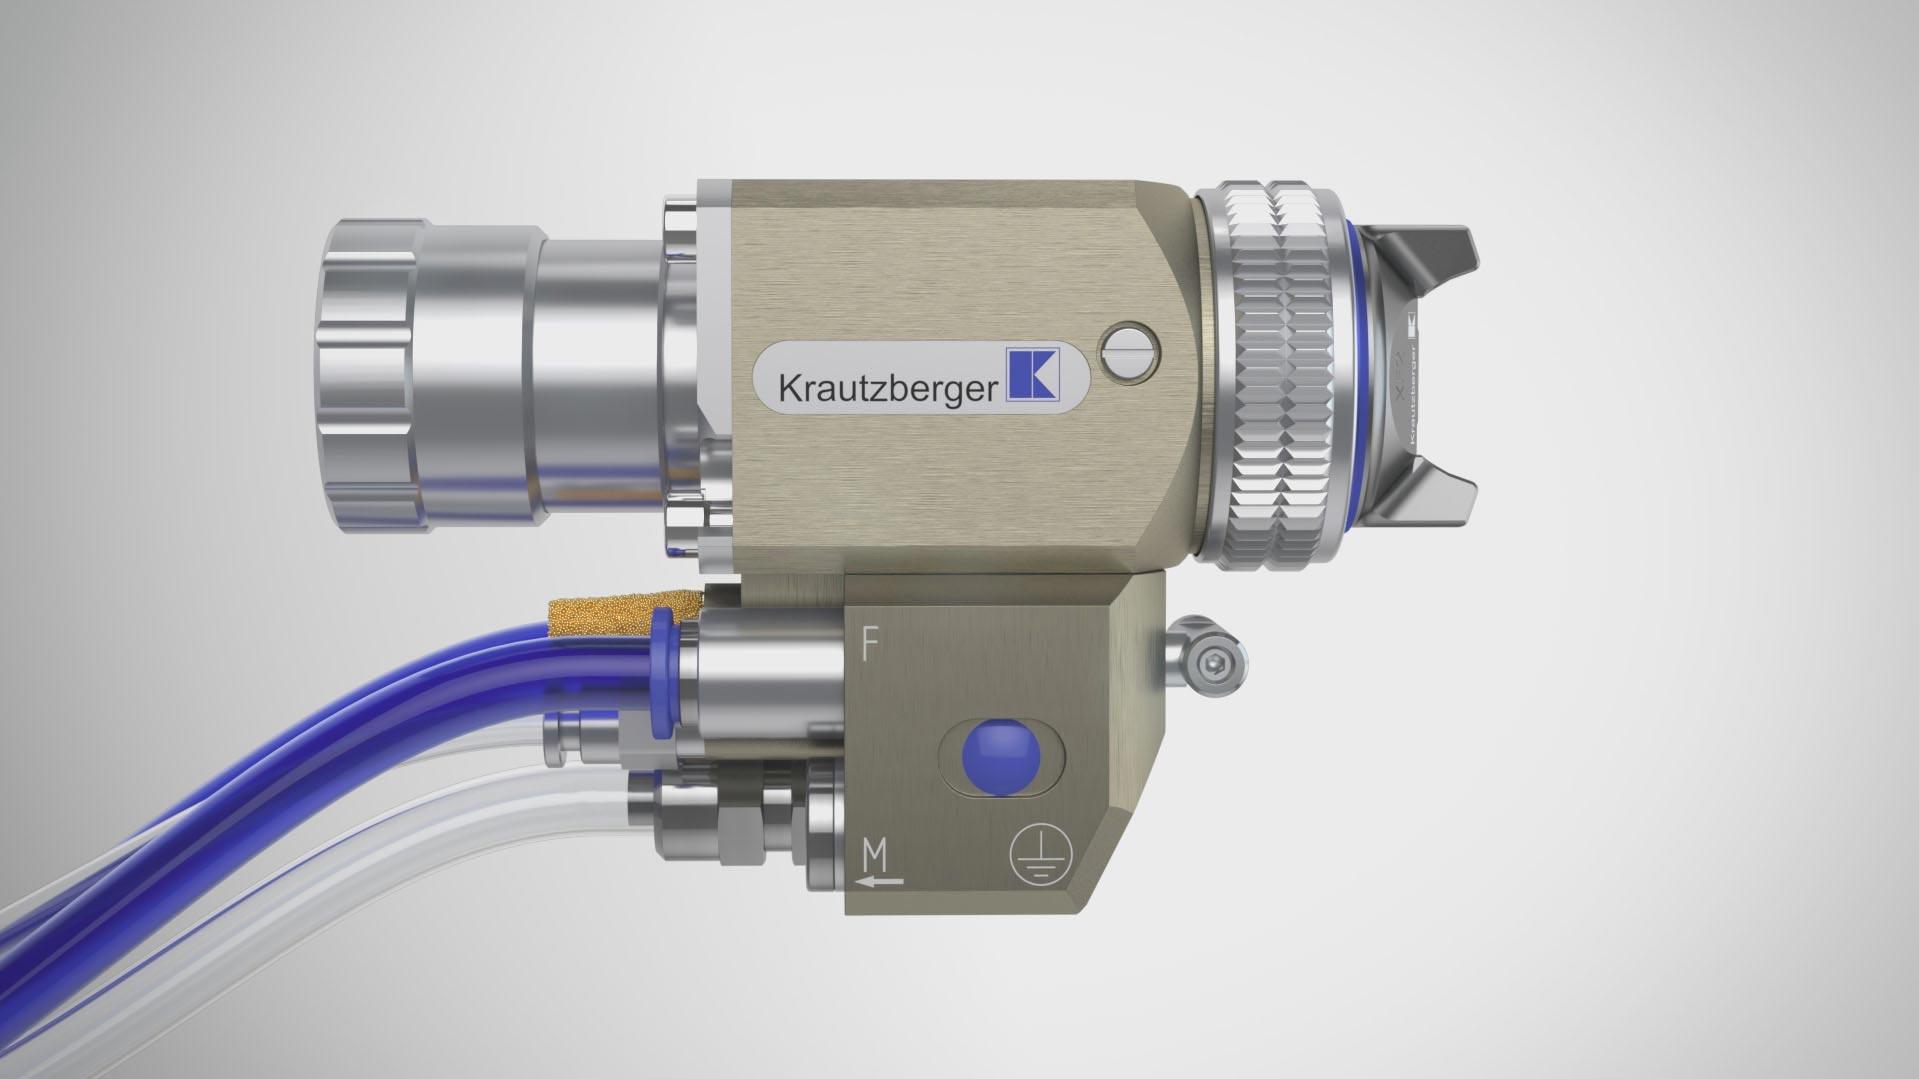 Krautzberger xline Seitenansicht